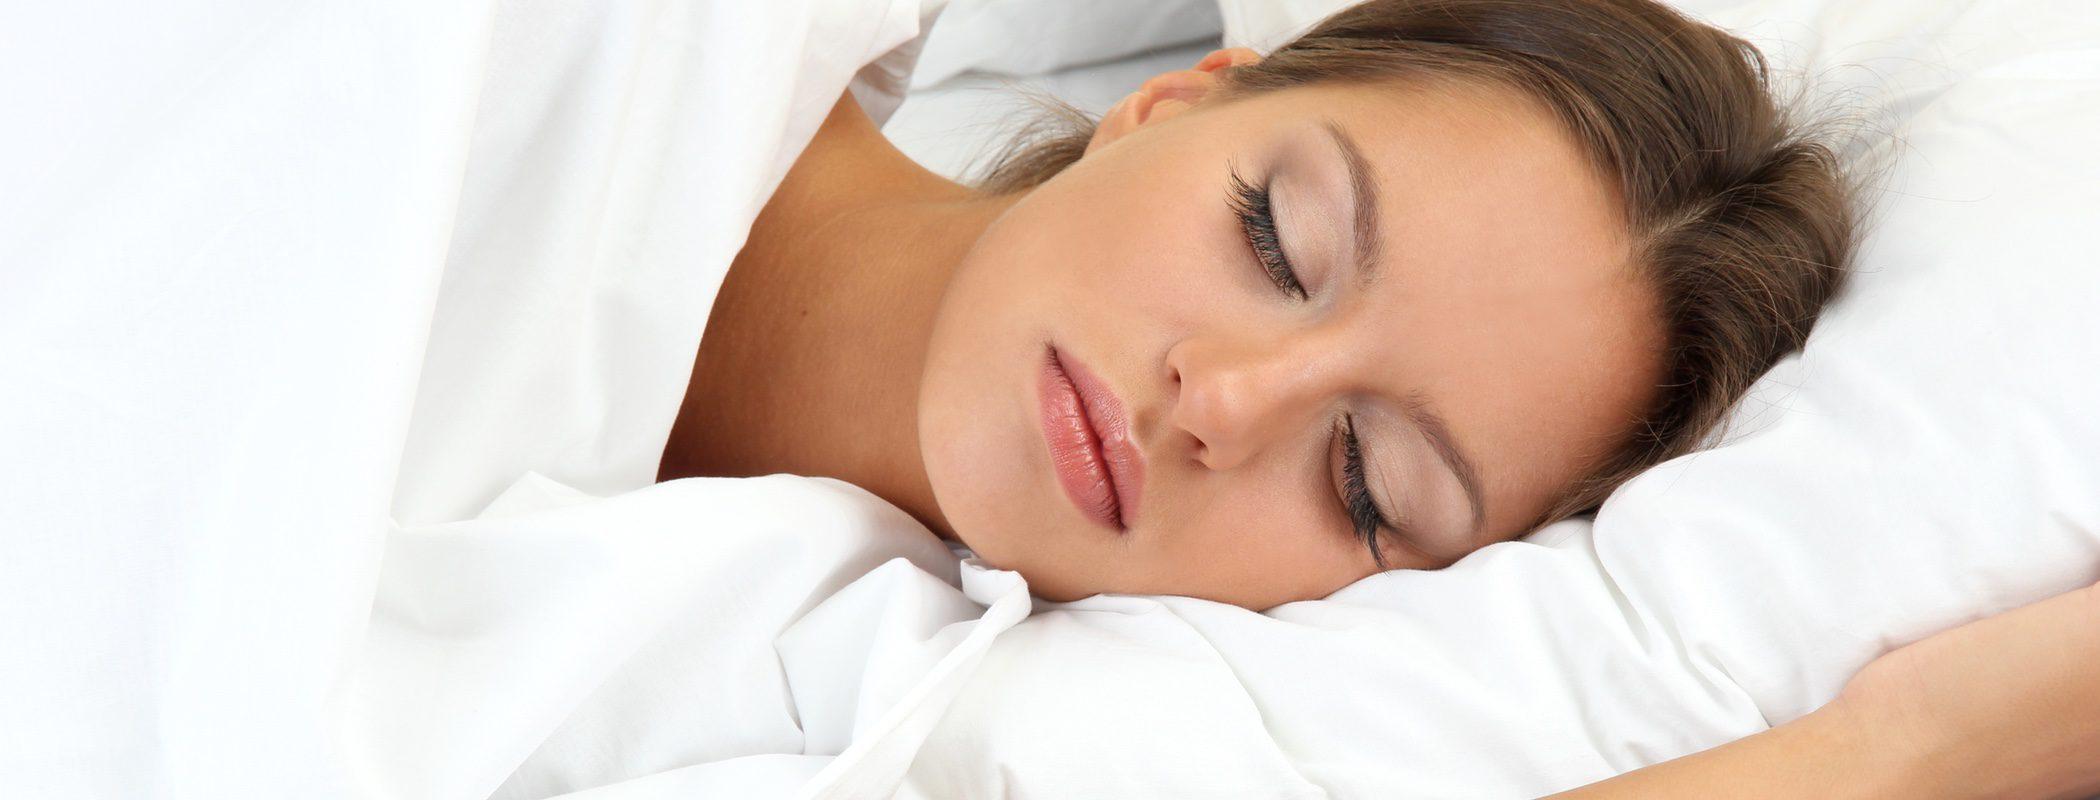 Descubre la somnofilia: excitación con las personas dormidas